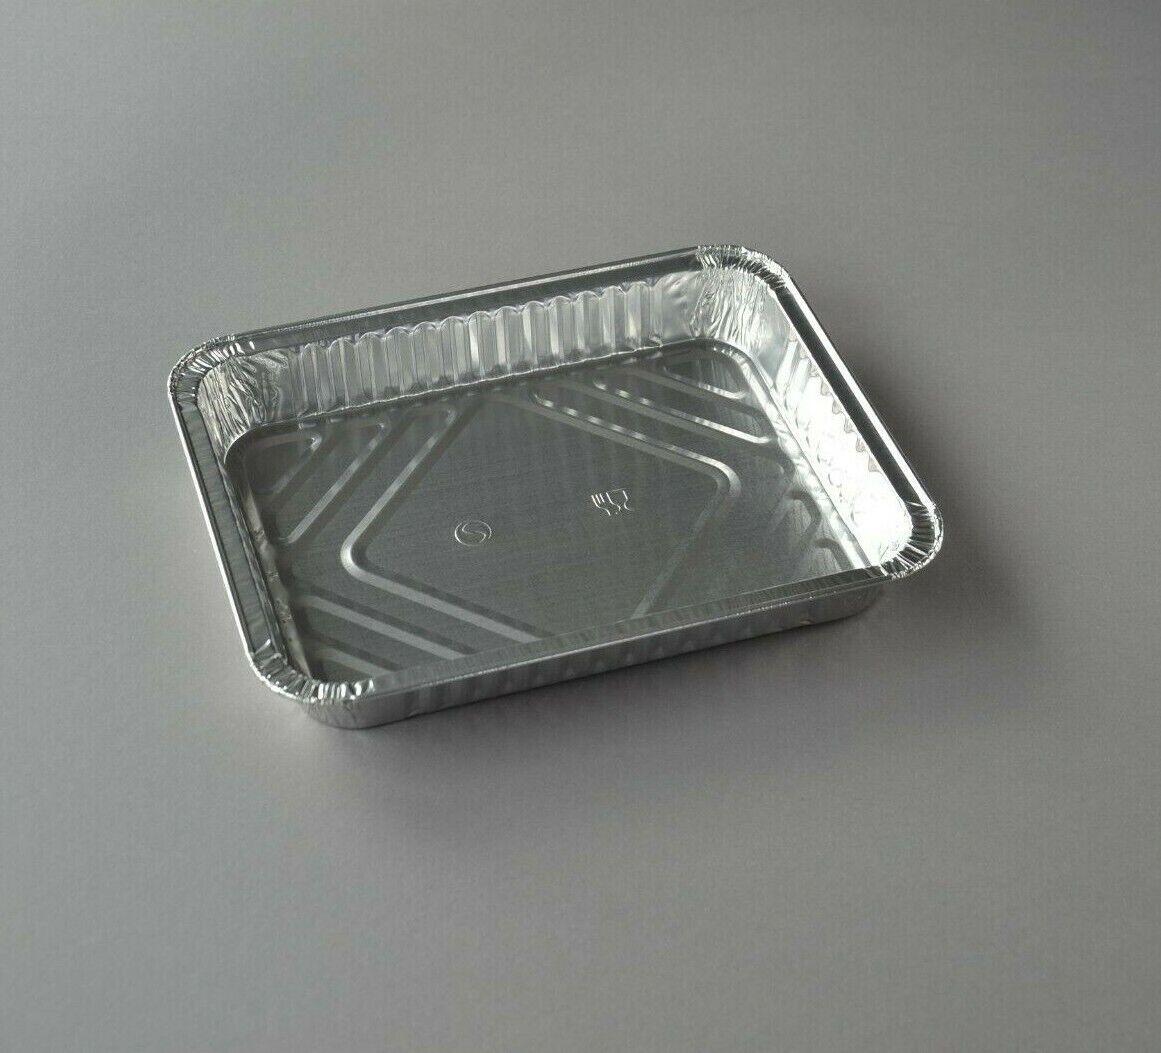 100 Aluschalen 930 ml R879G Grill-Schalen ungeteilt 226x176x30mm ohne Deckel